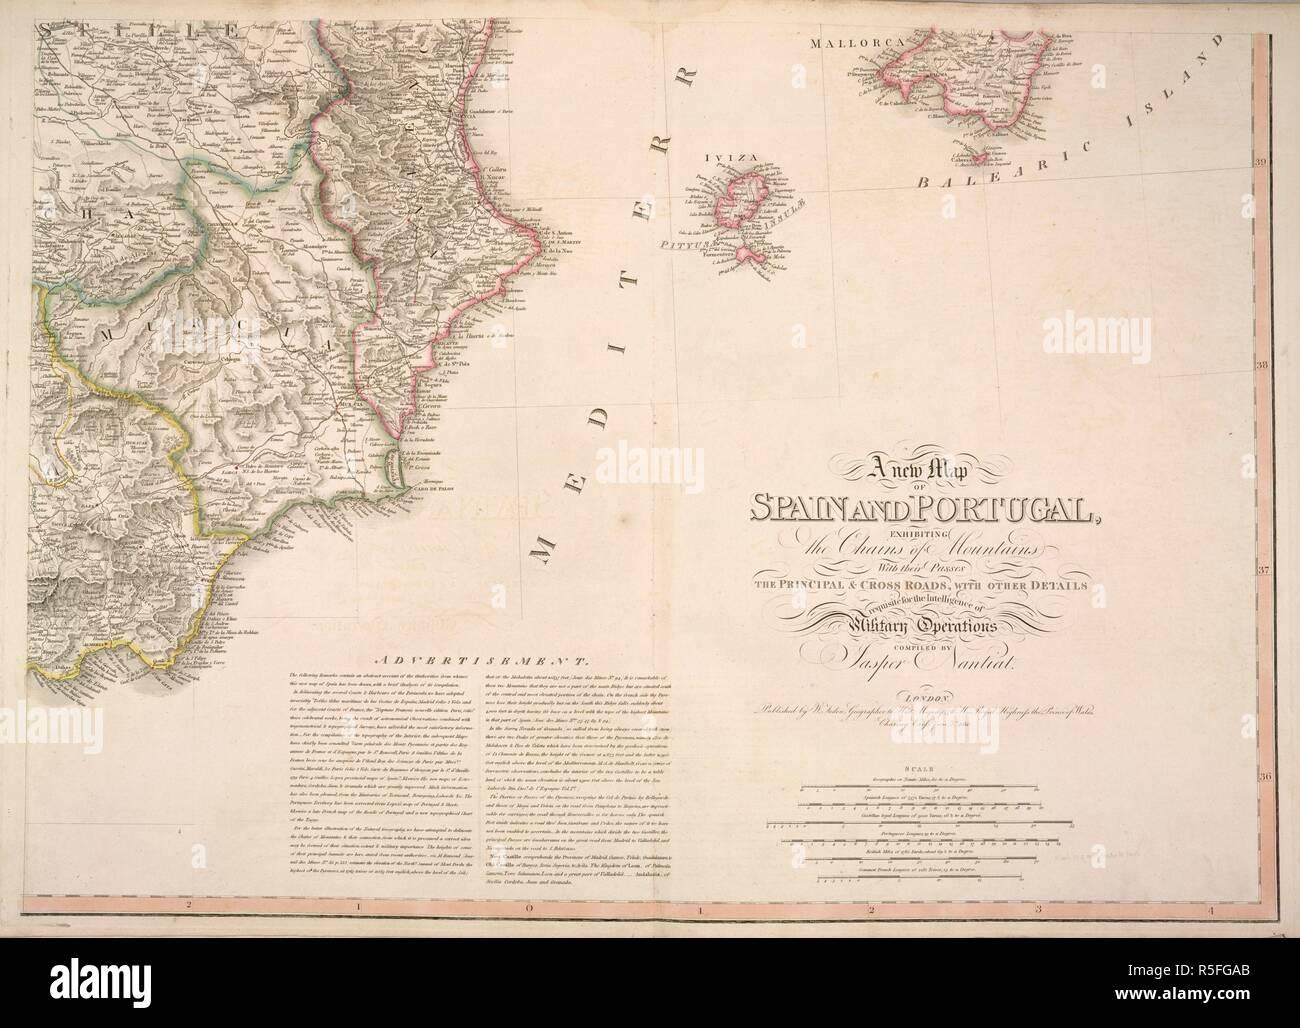 Mappa Spagna Orientale.Mappa Della Costa Orientale Della Spagna Mostra Castilla Murcia Valenciana Iviza Mallorca Una Nuova Mappa Della